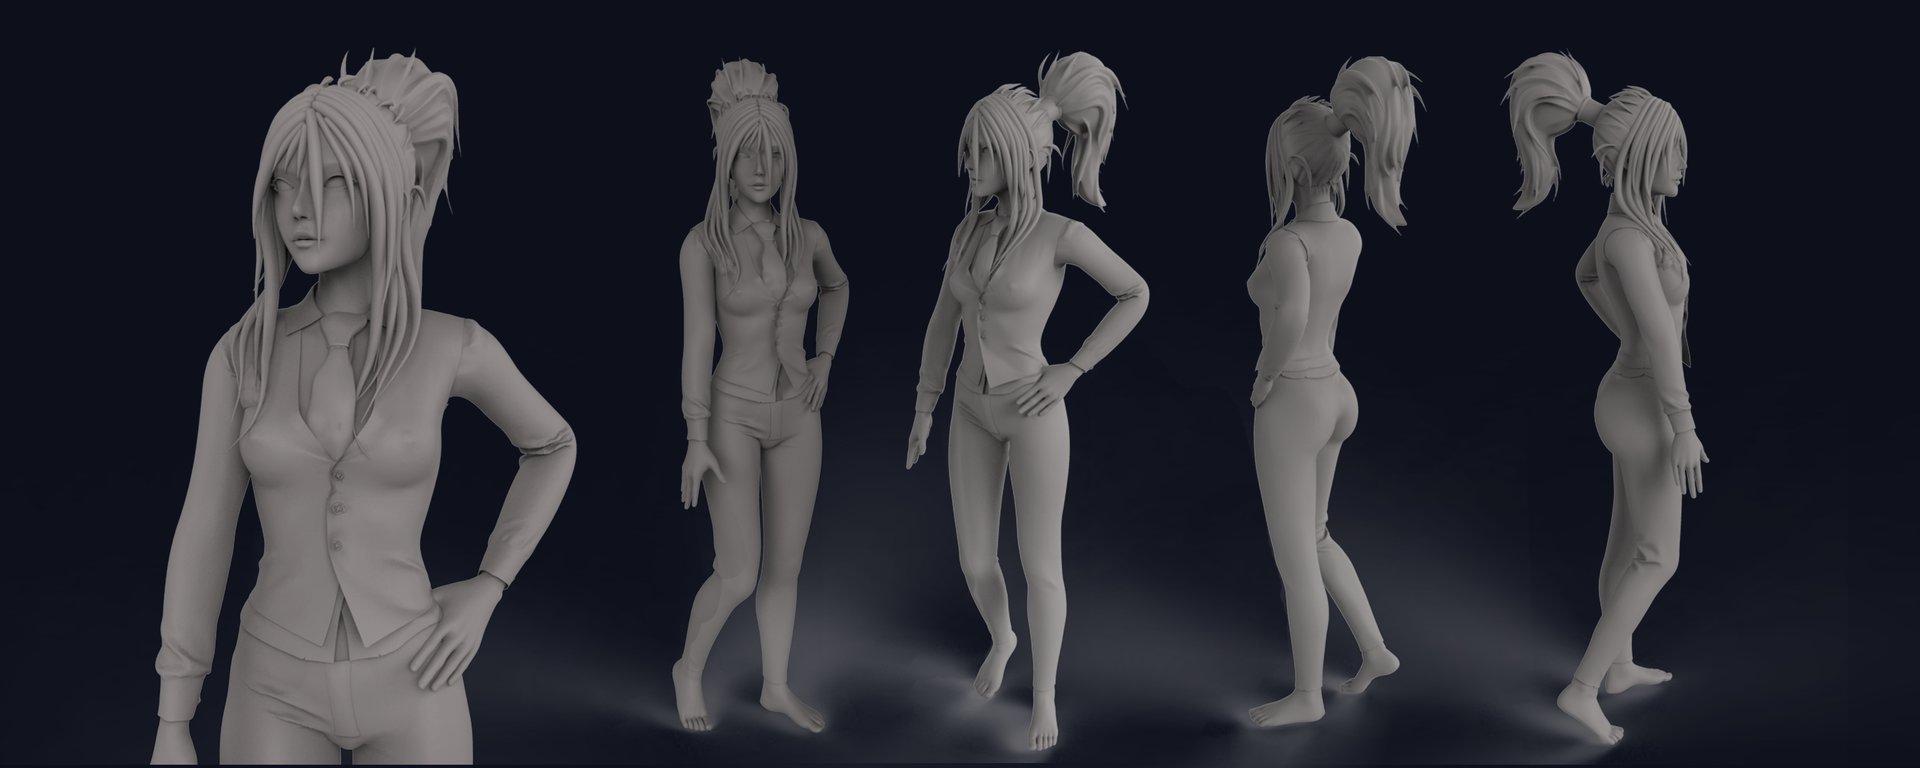 denis-mushroom-girl-in-suit-2.jpg?1437561110